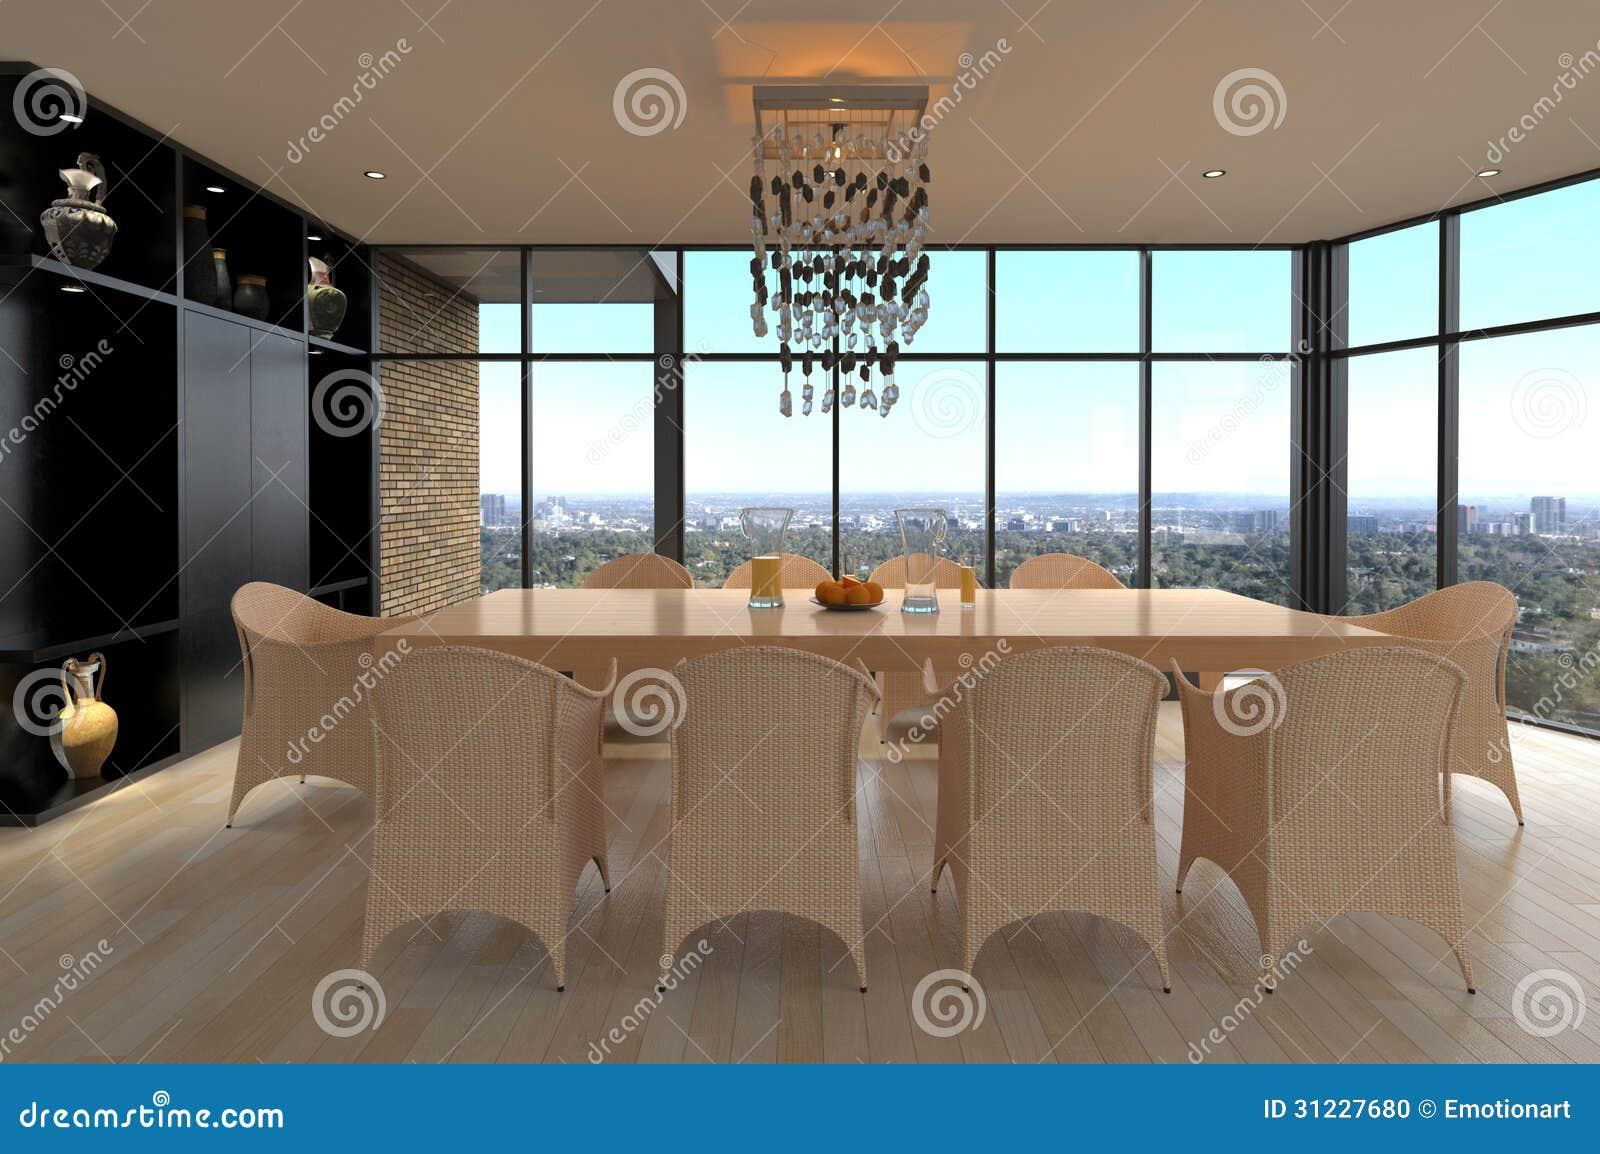 Comedor del dise o moderno interior de la sala de estar for Diseno de interiores sala de estar comedor